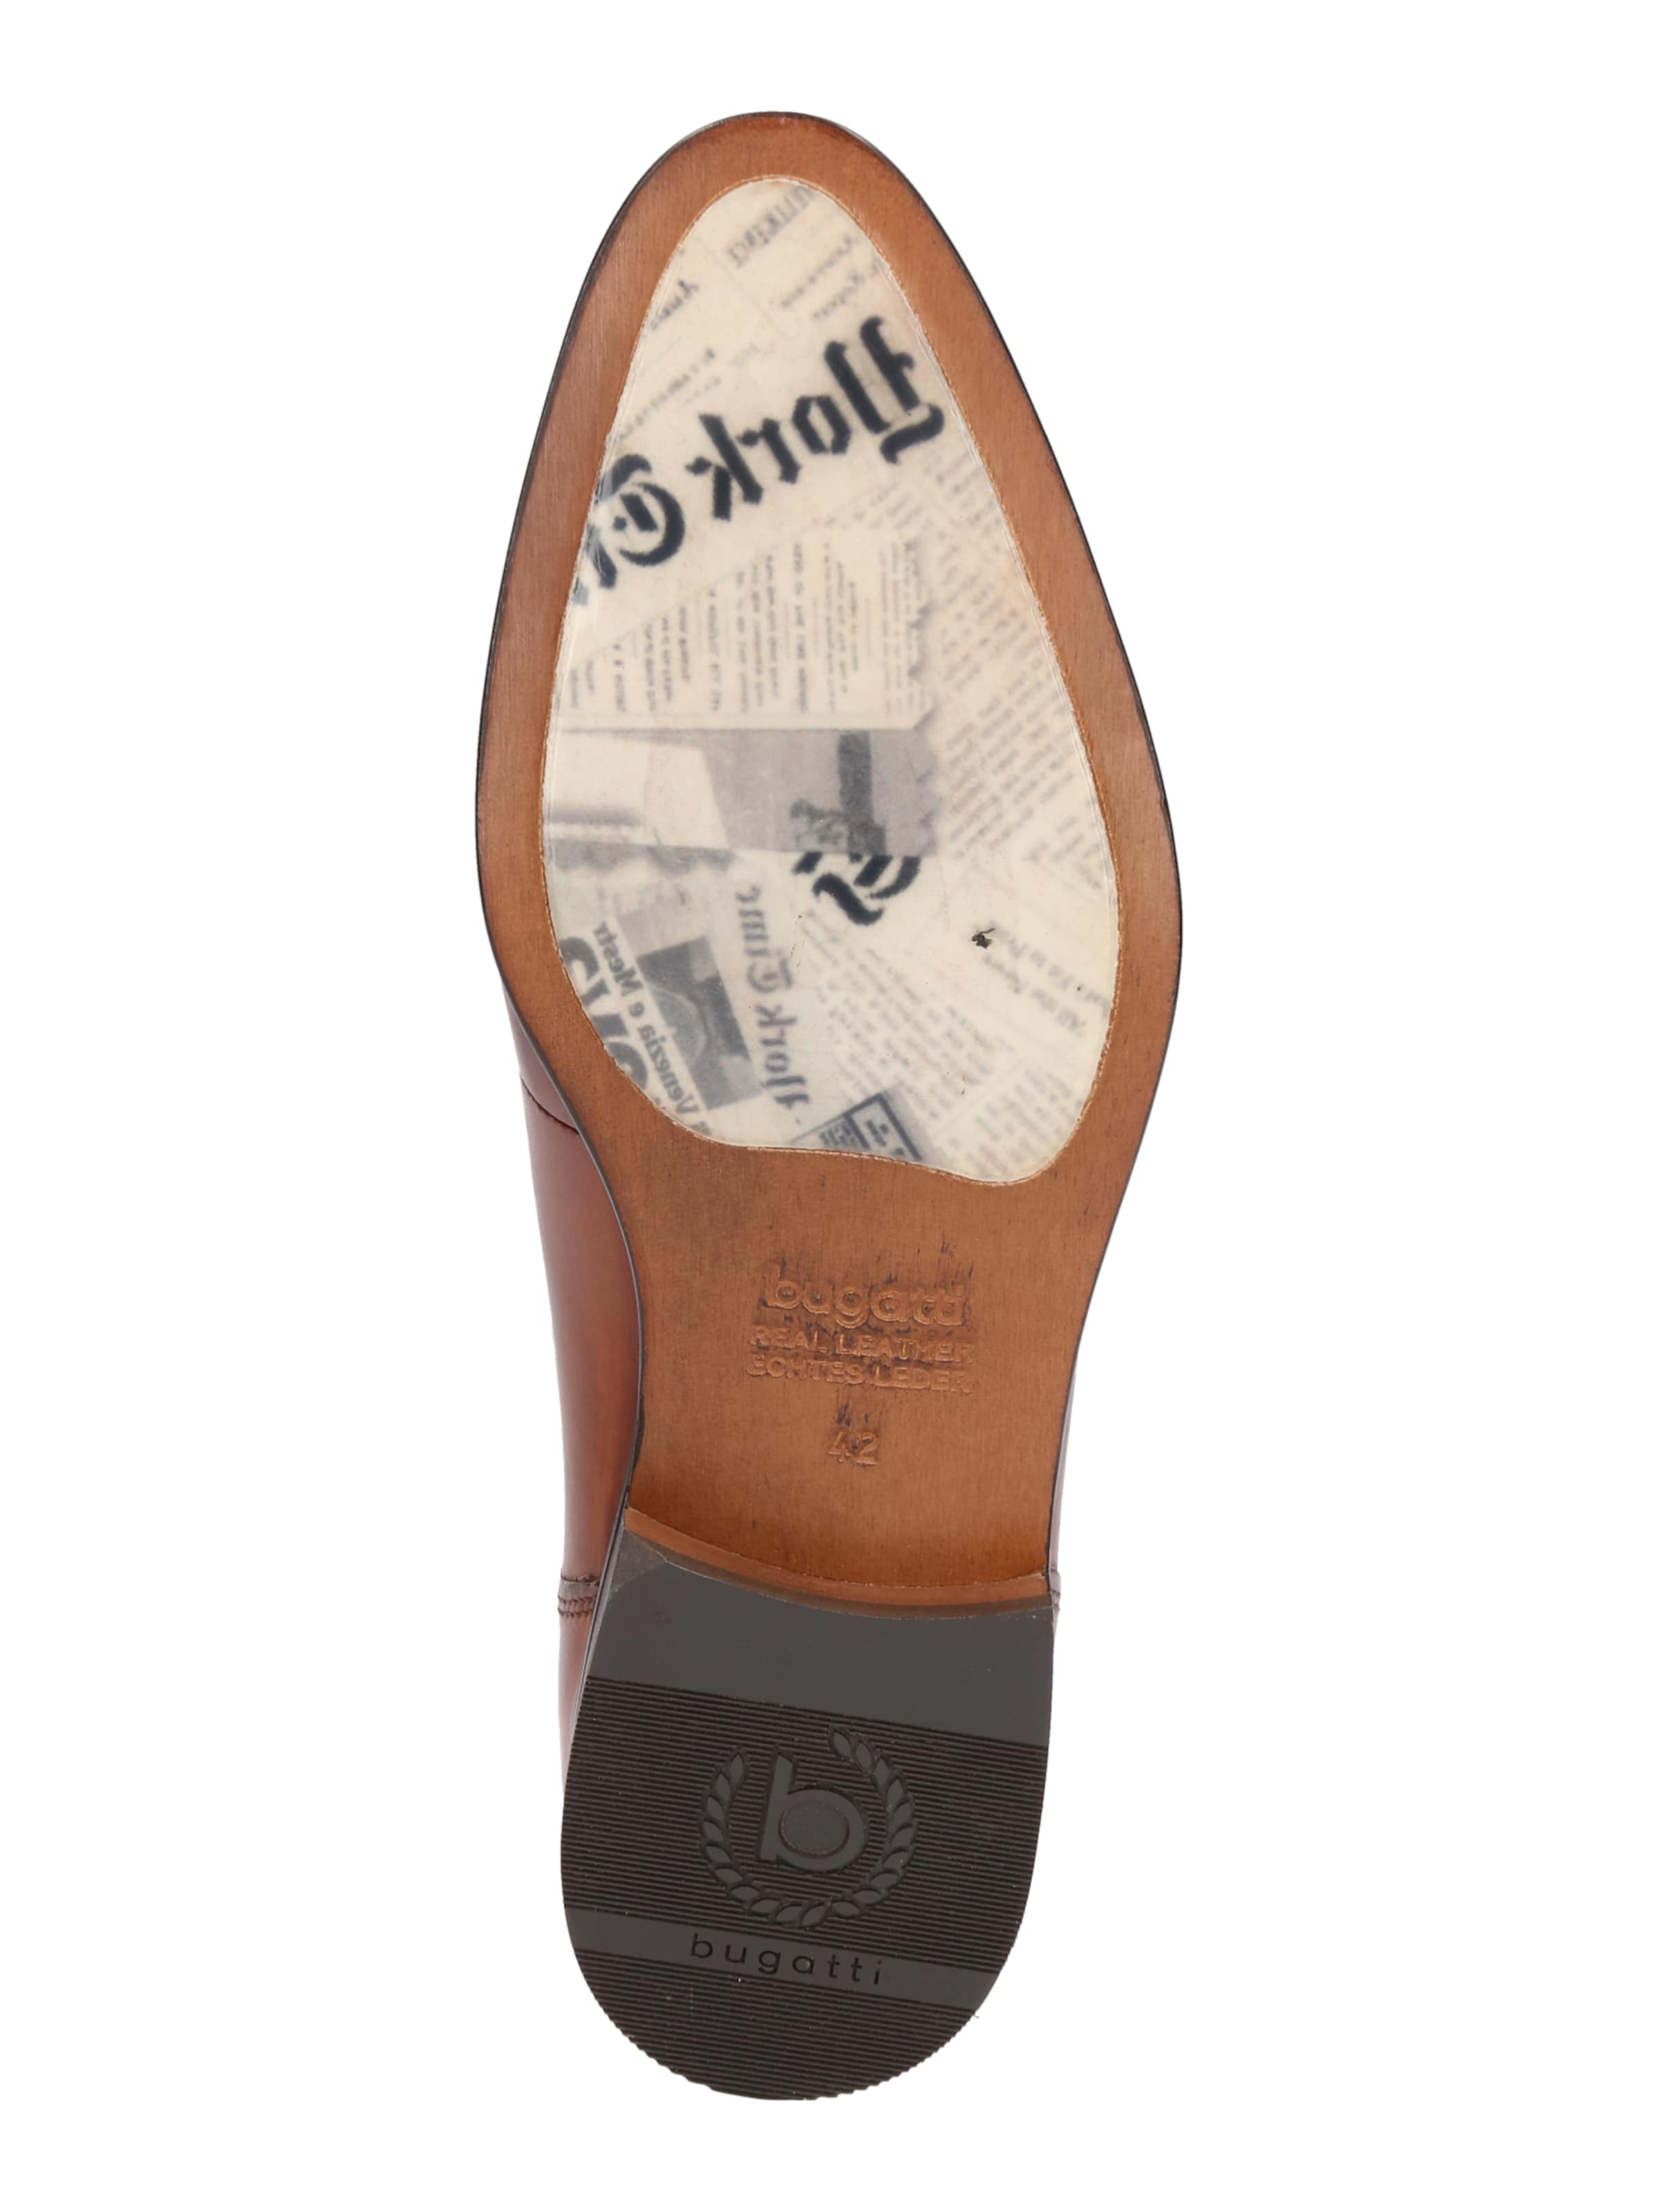 Bugatti Schnürschuh aus Leder Leder Billige Herren- Herren- Herren- und Damenschuhe aeae67